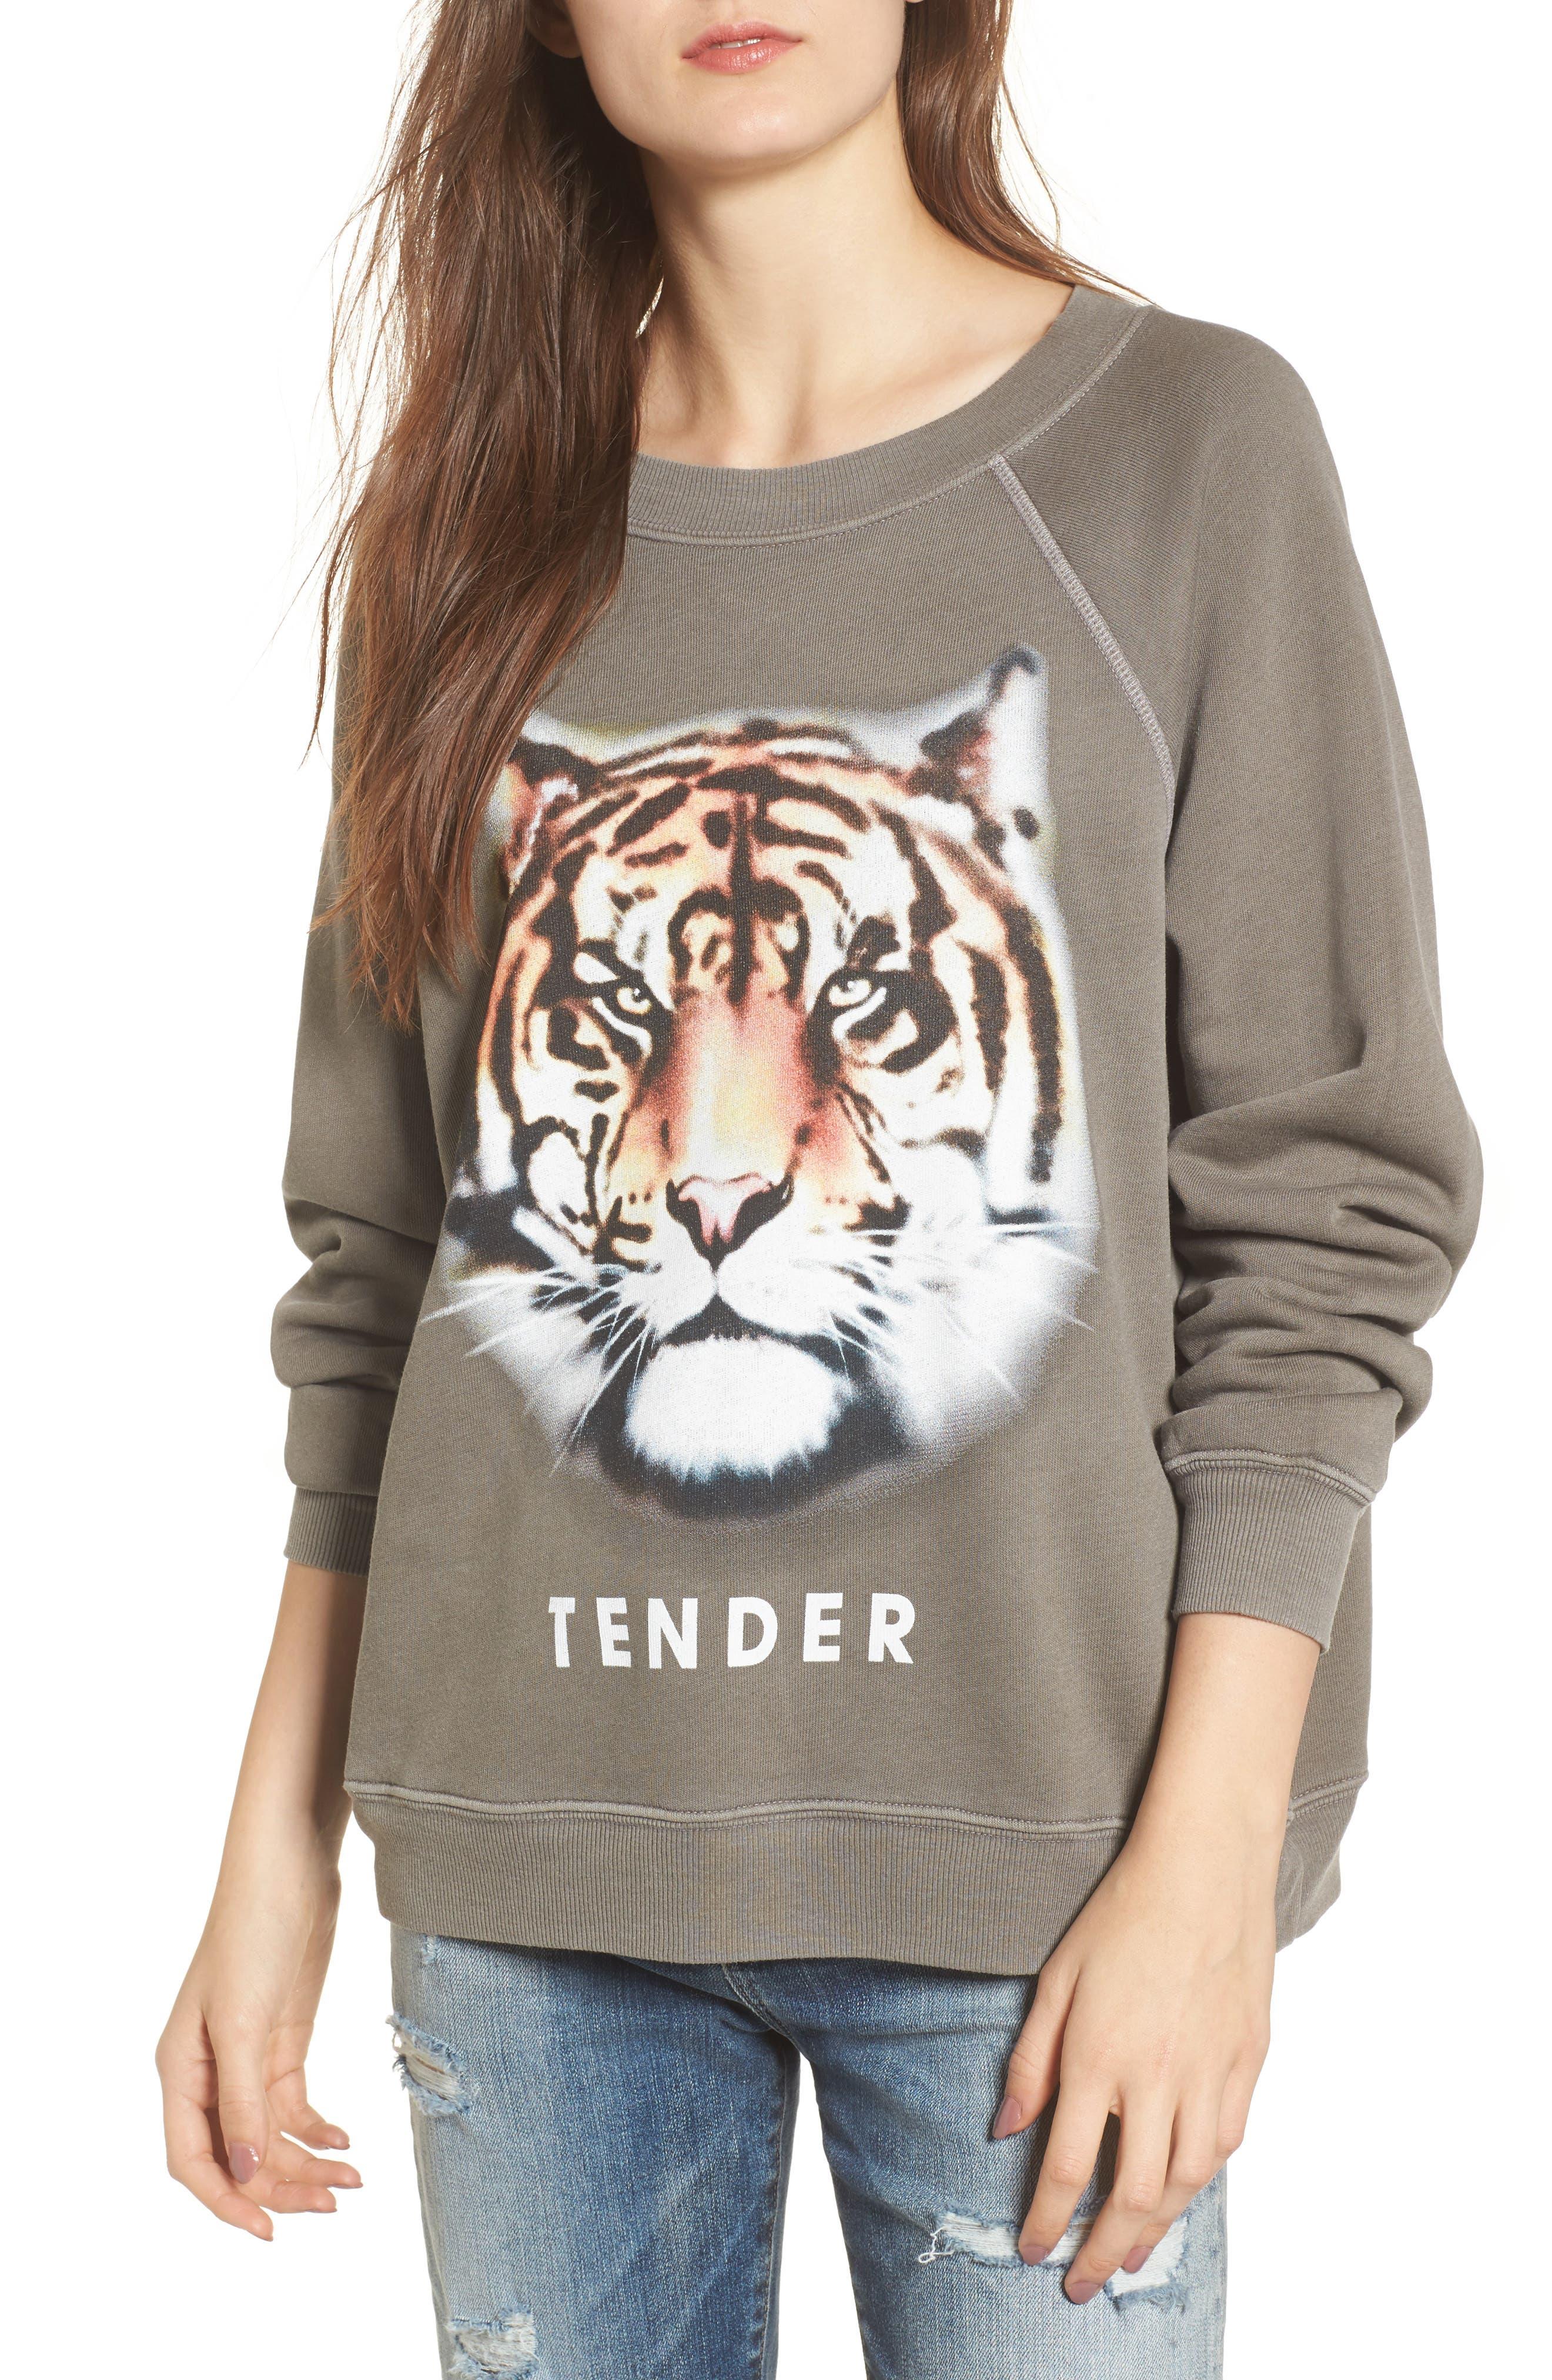 Alternate Image 1 Selected - Wildfox Tender - Sommers Sweatshirt